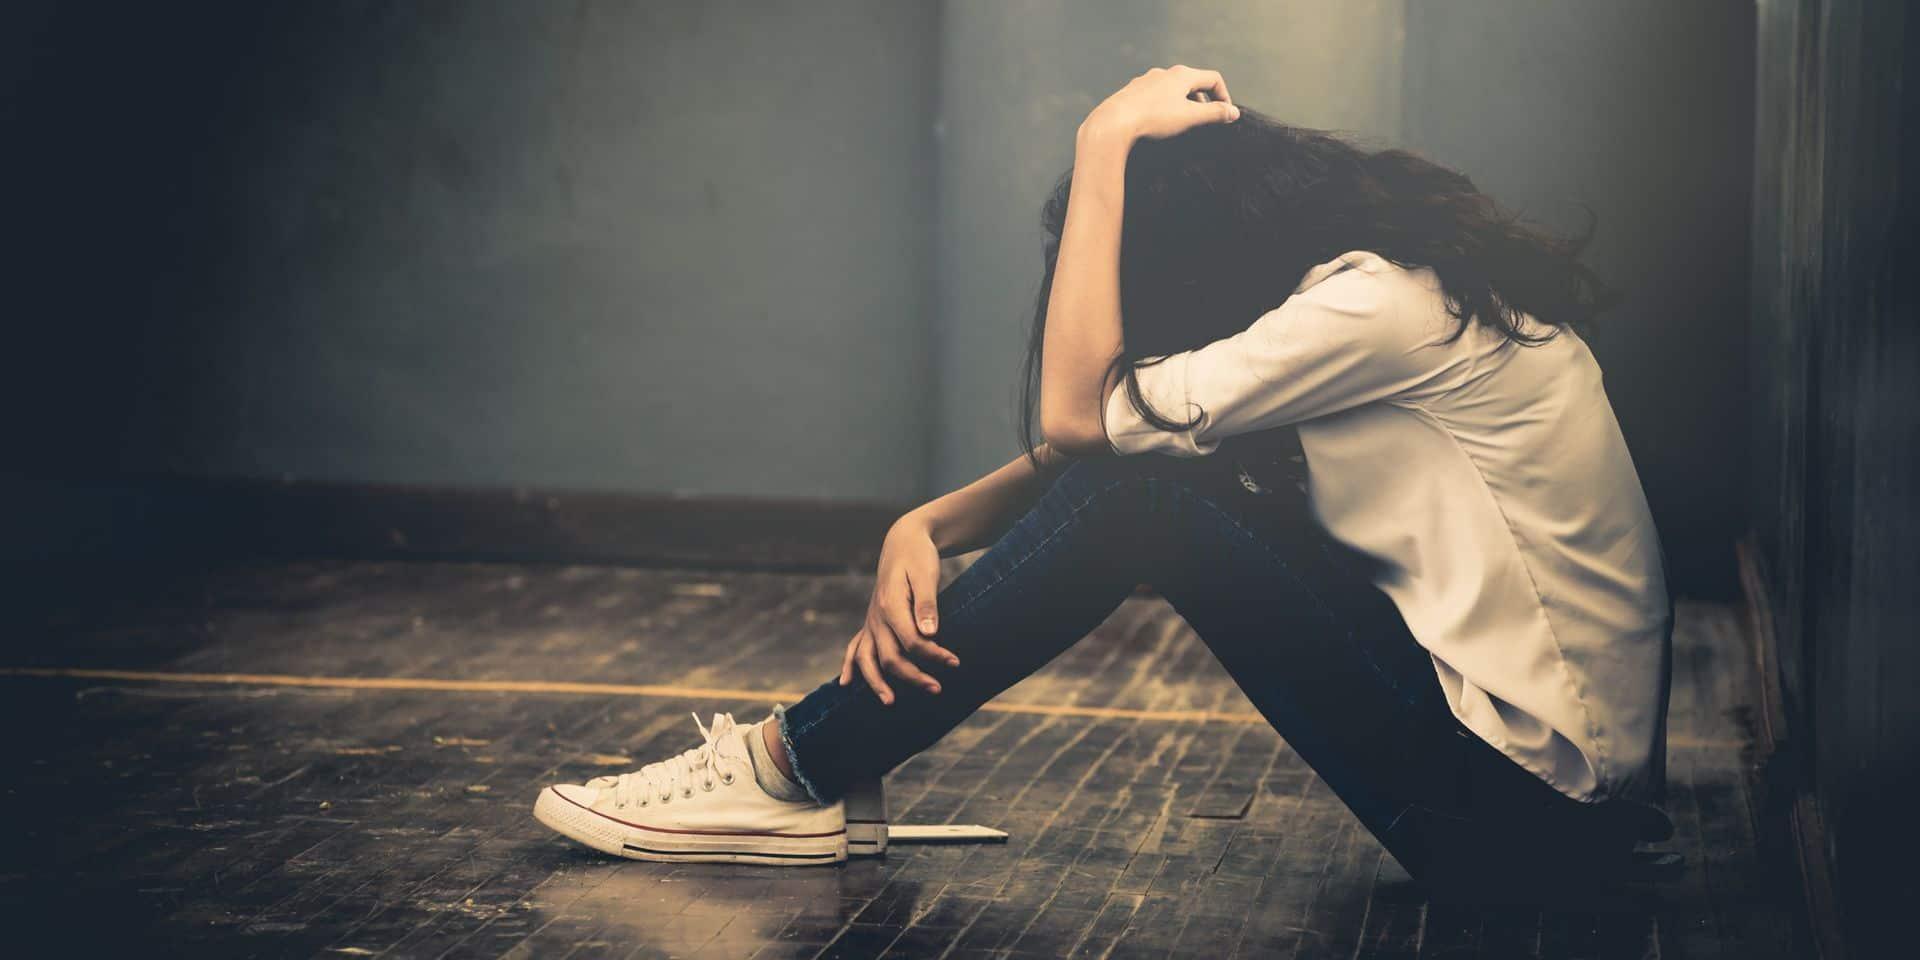 En 2020, les consultations liées à une envie suicidaire ont augmenté de 50%